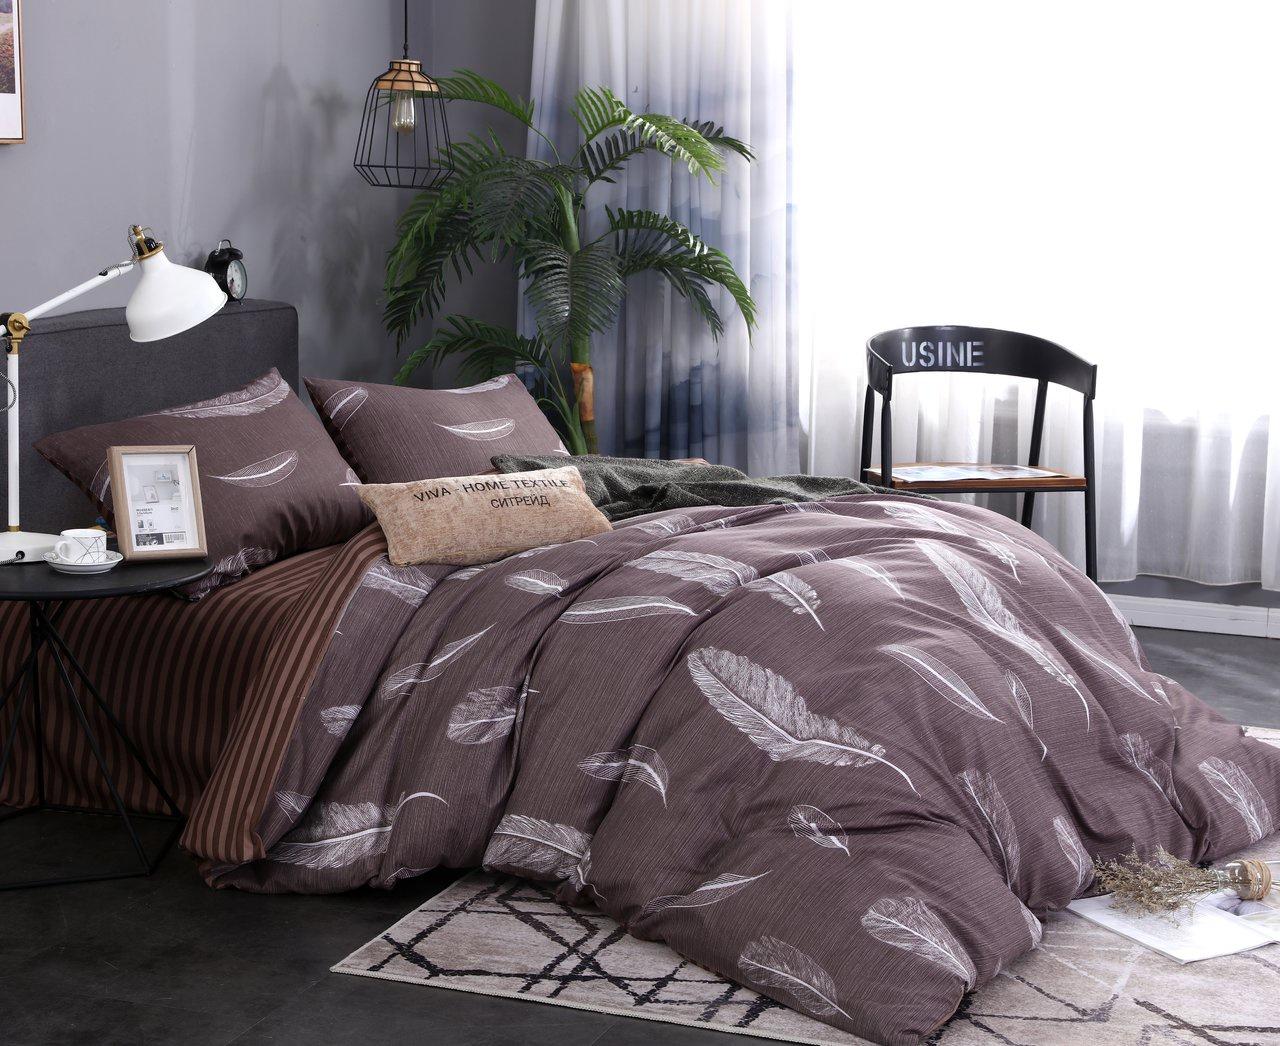 Комплект постельного белья Сатин подарочный AC059 Cитрейд 1.5 спальный, наволочки 70-70 2 шт елка канадская 150 см 342 ветки 1 шт в упаковке 2